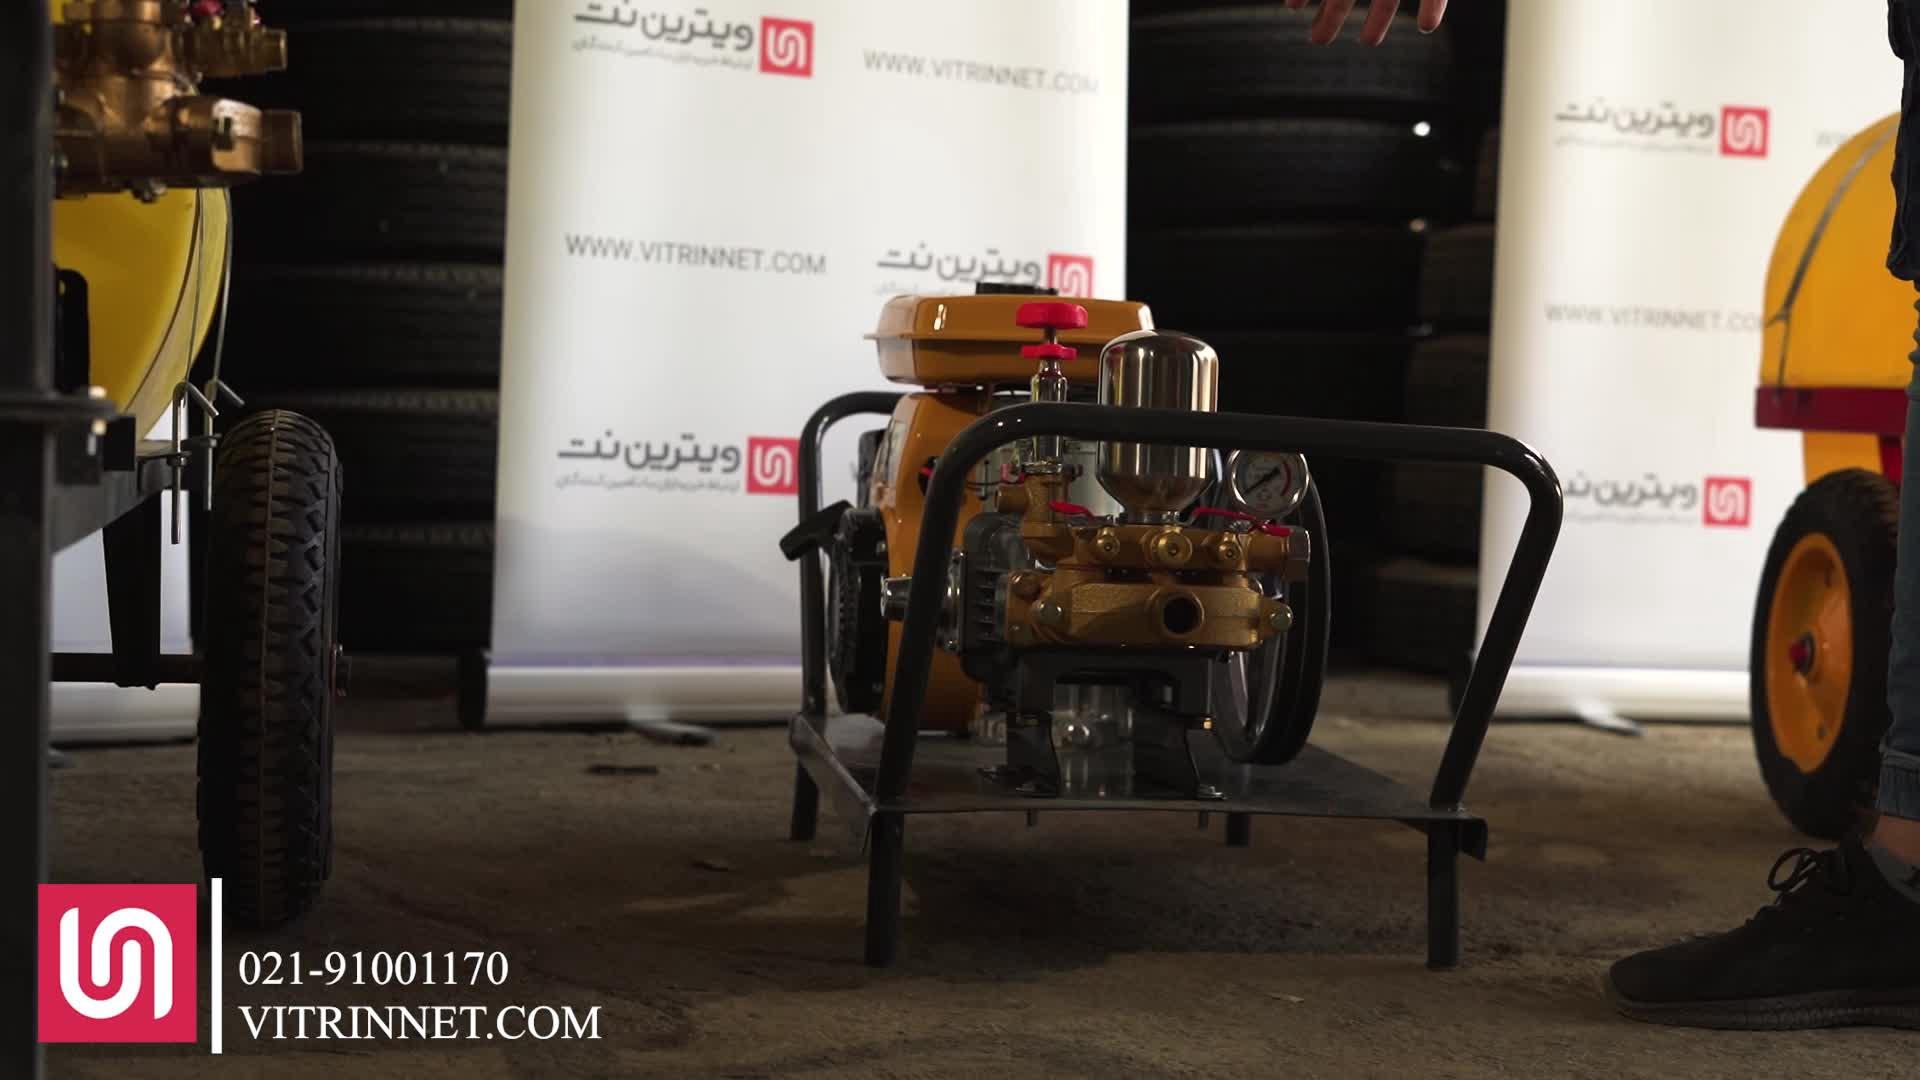 سمپاش زنبه ای با موتور روبین اصلی و پمپ لوشانگ تایوان مدل 16697